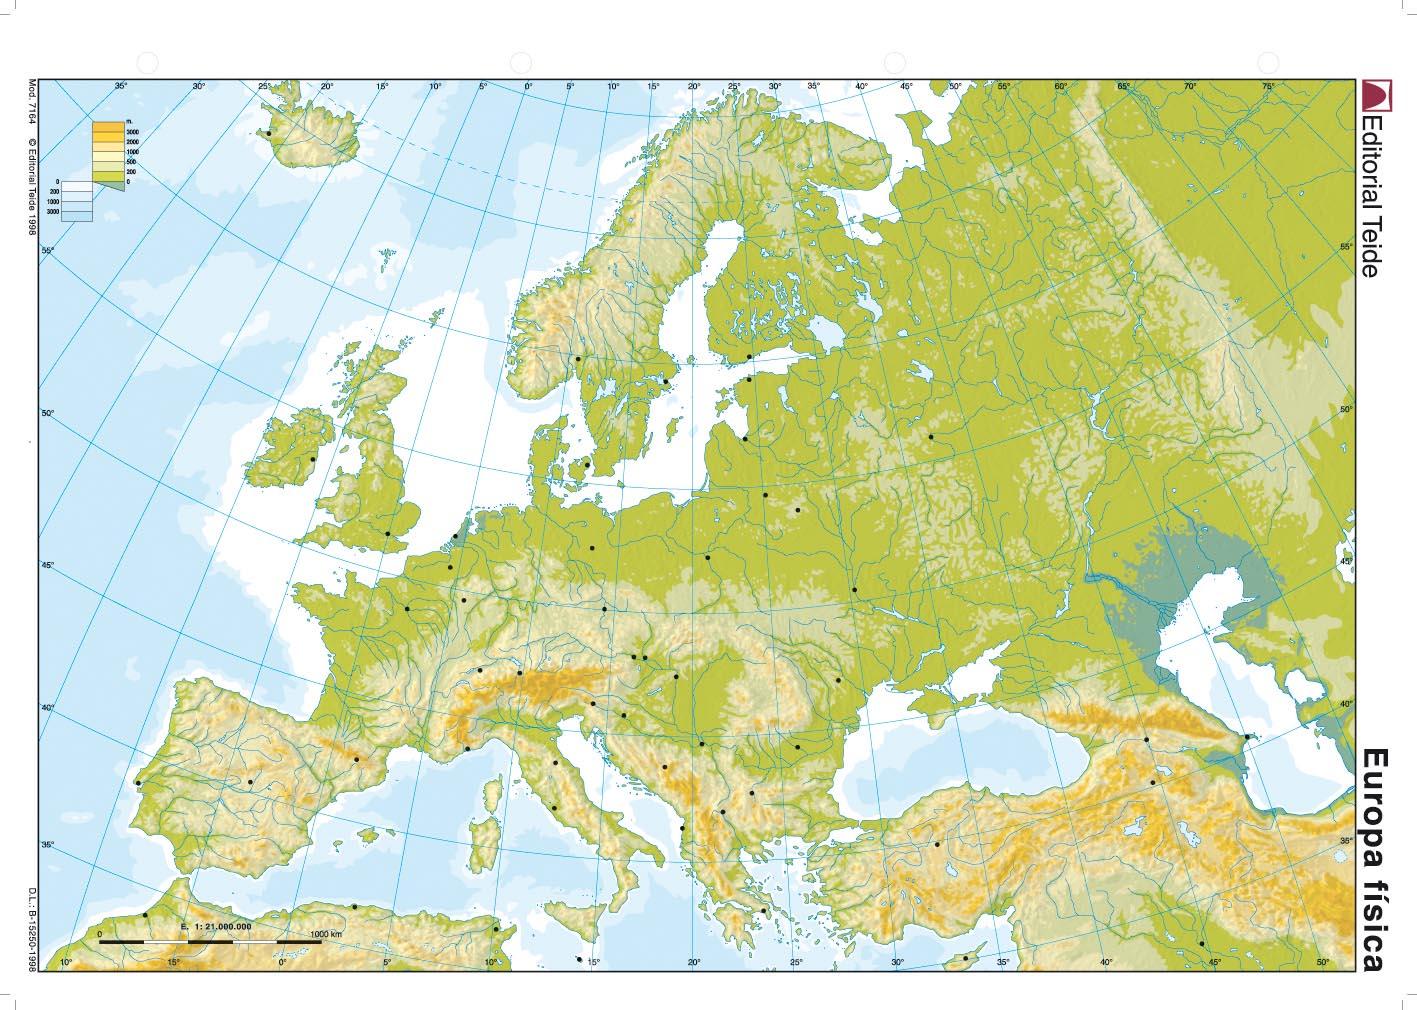 Juegos De Geografia Juego De Mapa Fisico De Europa 5 Cerebriti